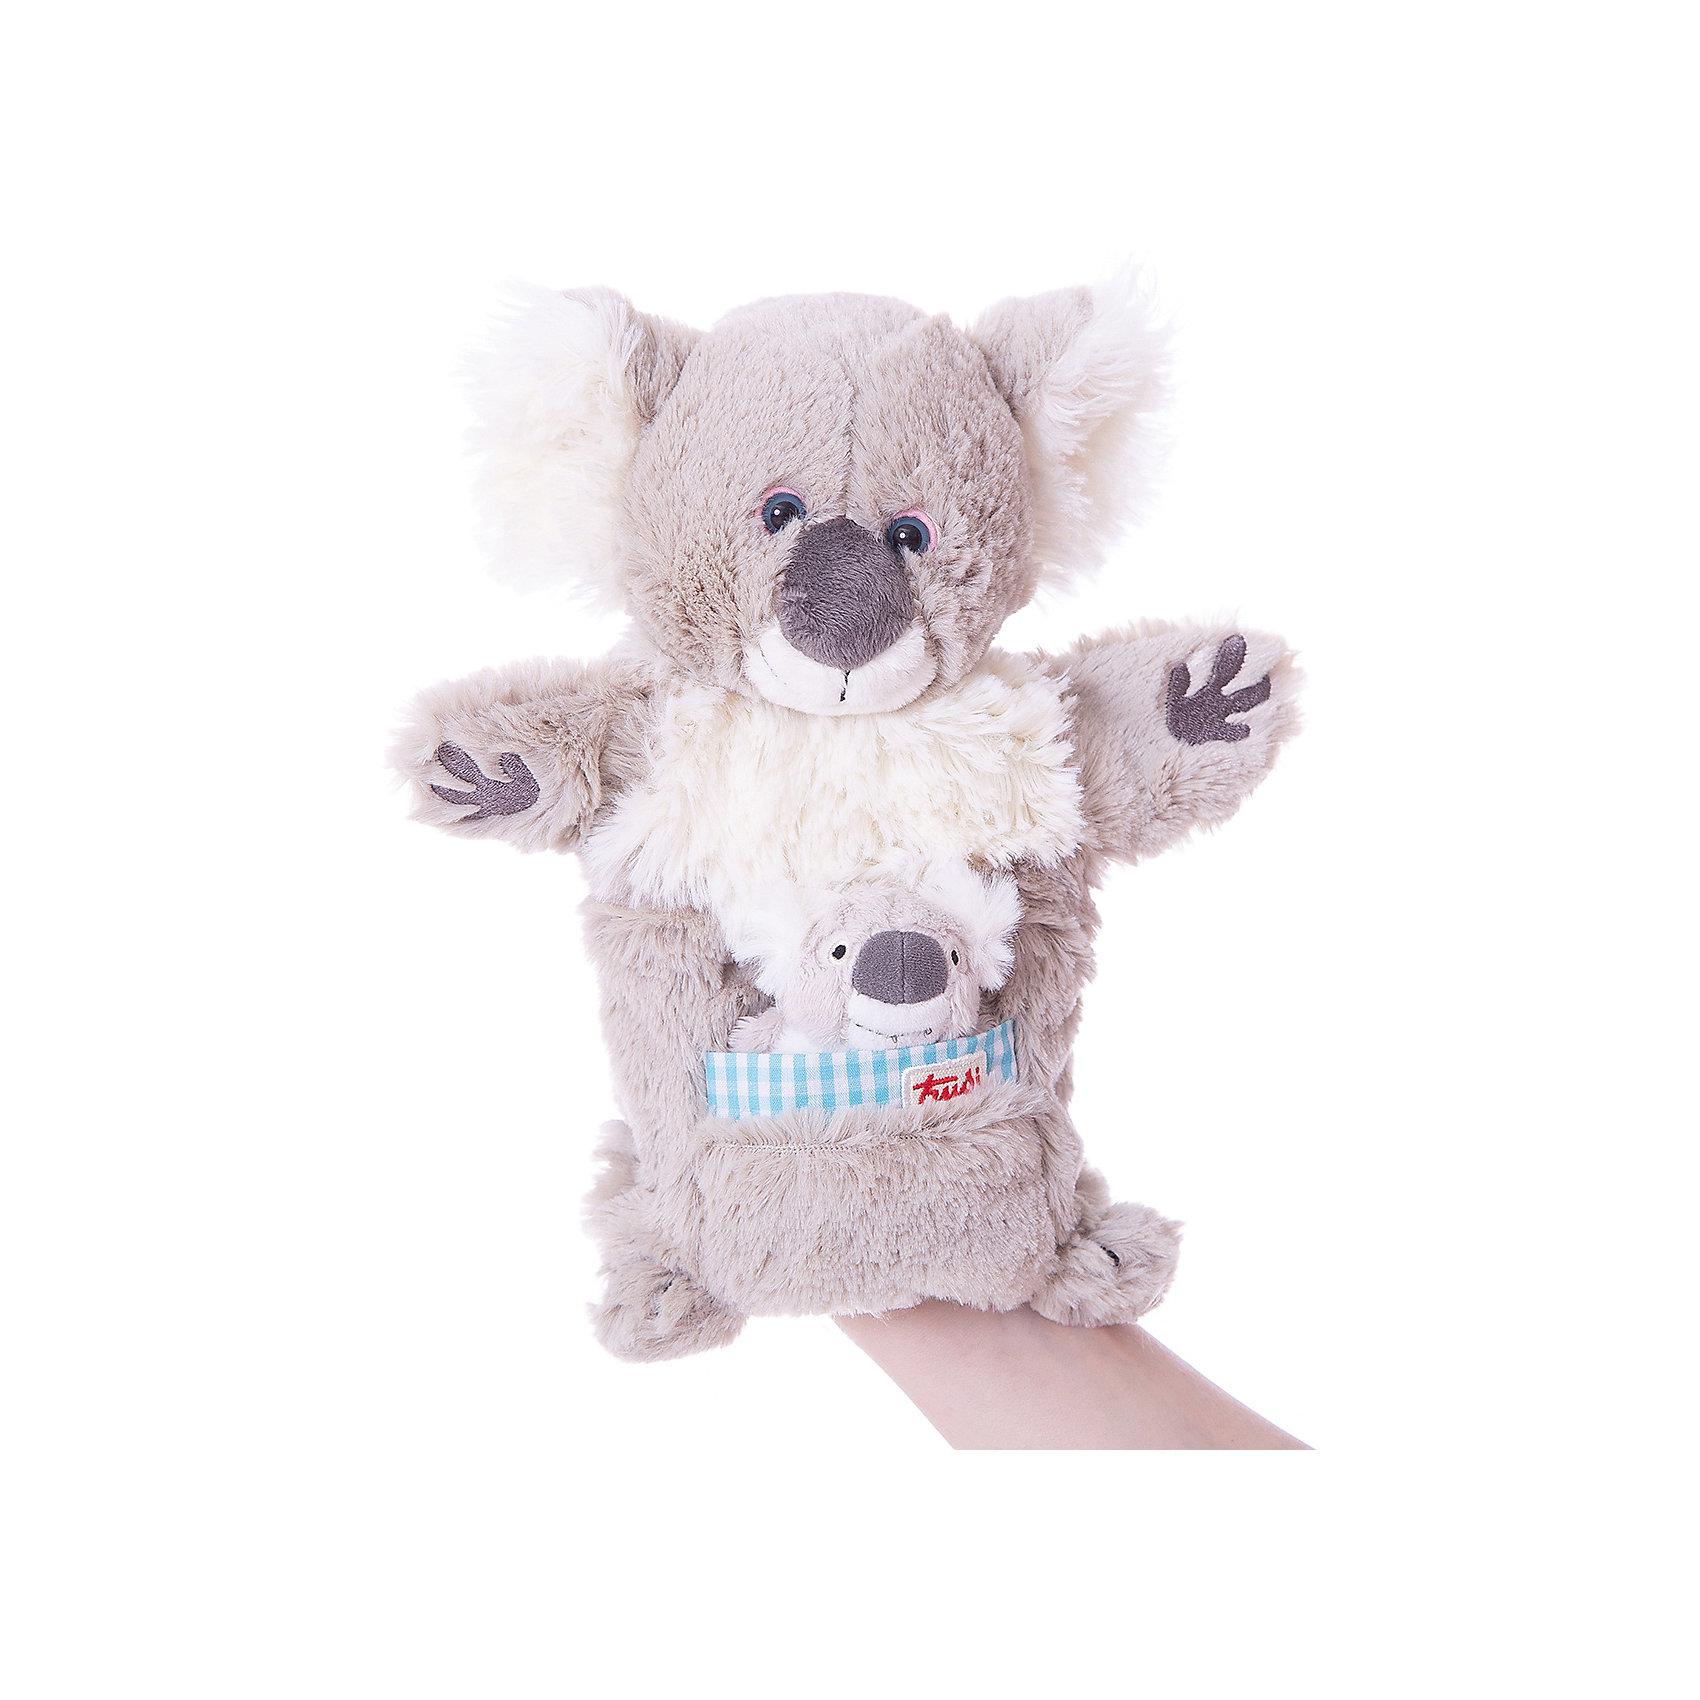 Мягкая игрушка на руку Коала с детенышем, 28 см, TrudiМягкие игрушки животные<br>Характеристики товара:<br><br>• возраст от 1 года;<br>• материал: плюш, пластик;<br>• высота игрушки 28 см;<br>• размер упаковки 28х23х8 см;<br>• вес упаковки 80 гр.;<br>• страна производитель Китай.<br><br>Мягкая игрушка на руку Коала с детенышем Trudi — оригинальная мягкая игрушка, которая позволит детям устроить настоящие сценки и спектакли. Надевая игрушку на руку, можно придумывать истории и сюжеты, ставить театральные представления. Игрушка способствует развитию тактильных ощущений, воображения, творческих способностей. Коала изготовлена из мягкого экологически чистого материала, который не вызывает у детей аллергических реакций. Игрушка стирается в стиральной машине в режиме деликатной стирки.<br><br>Мягкую игрушку на руку Коала с детенышем Trudi можно приобрести в нашем интернет-магазине.<br><br>Ширина мм: 80<br>Глубина мм: 280<br>Высота мм: 230<br>Вес г: 90<br>Возраст от месяцев: 12<br>Возраст до месяцев: 2147483647<br>Пол: Унисекс<br>Возраст: Детский<br>SKU: 5578419